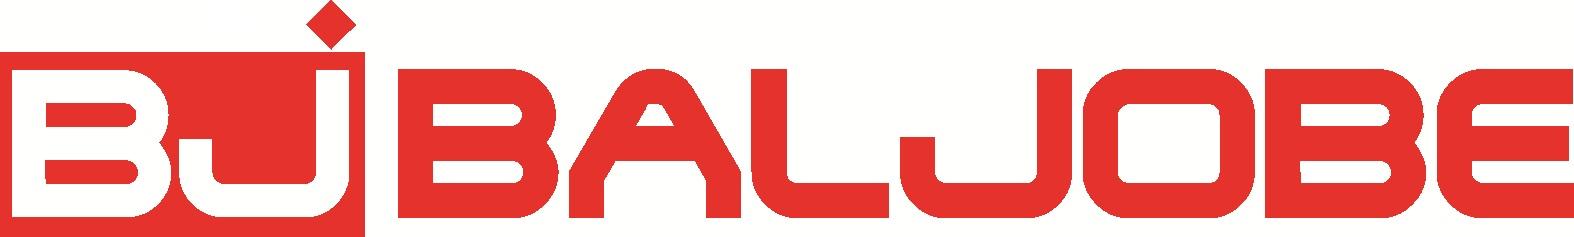 Baljobe - Carpintería Metálica